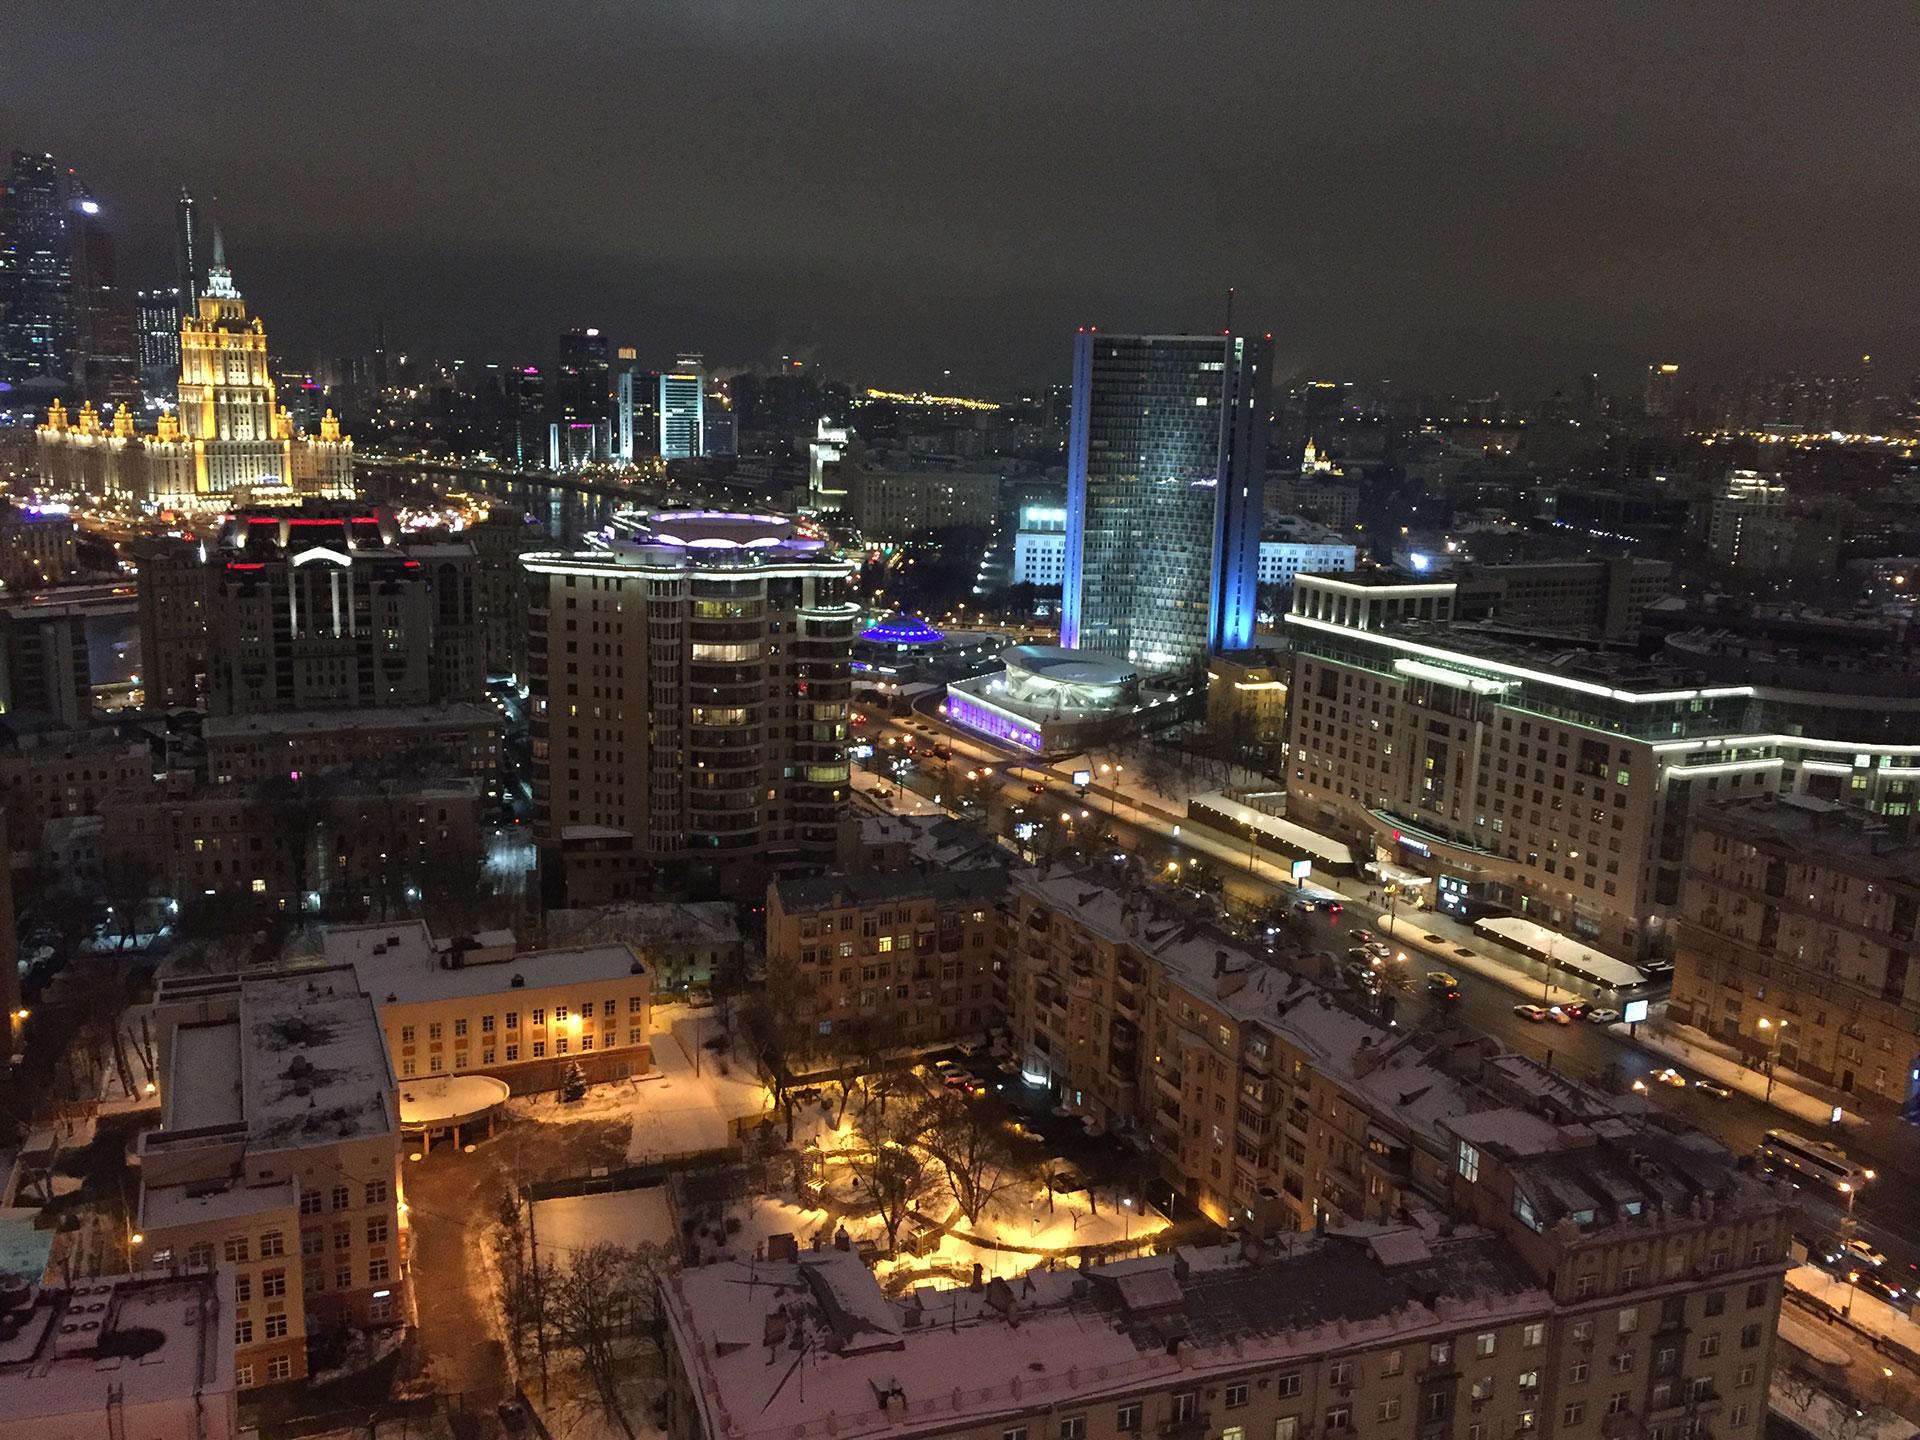 """Moscú por la noche, frente al boulevard Novinskiy y con el Hotel Radisson, ex Ucrania, al fondo a la izquierda; una de las """"siete hermanas"""" construidas durante los años de Josef Stalin"""